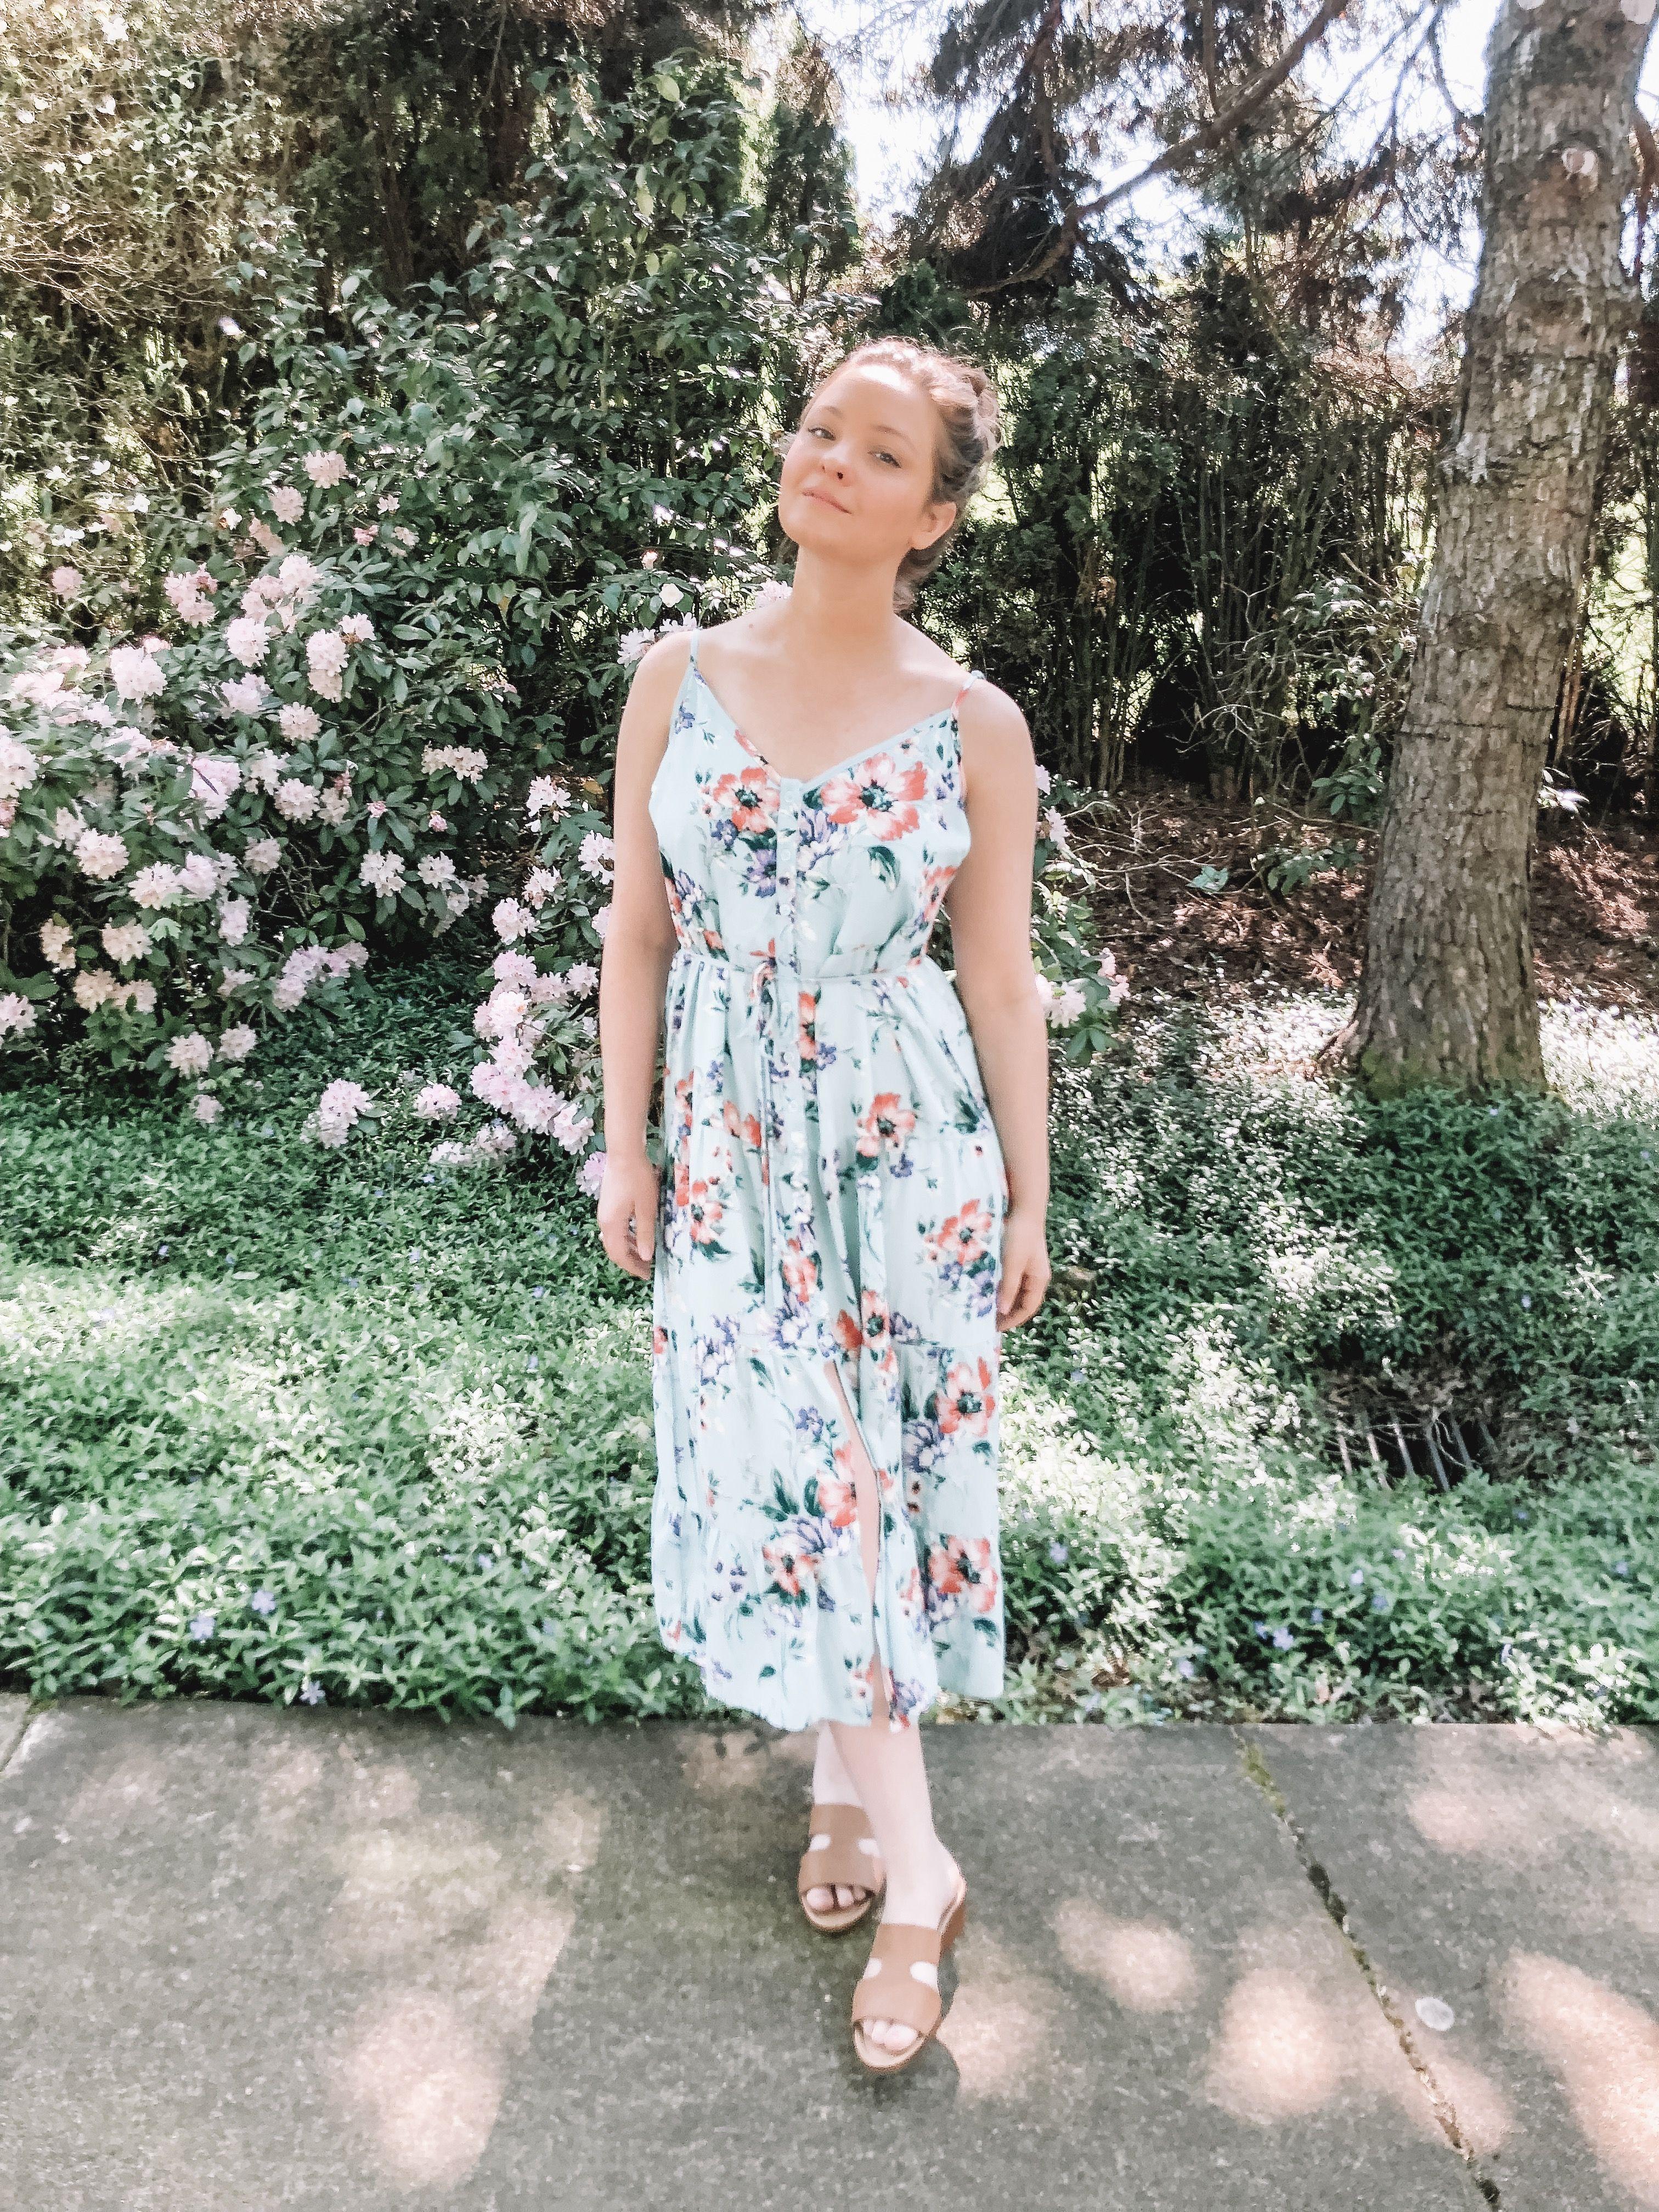 Blue Floral Dress From Target Floral Blue Dress Dresses Floral Dress [ 4032 x 3024 Pixel ]